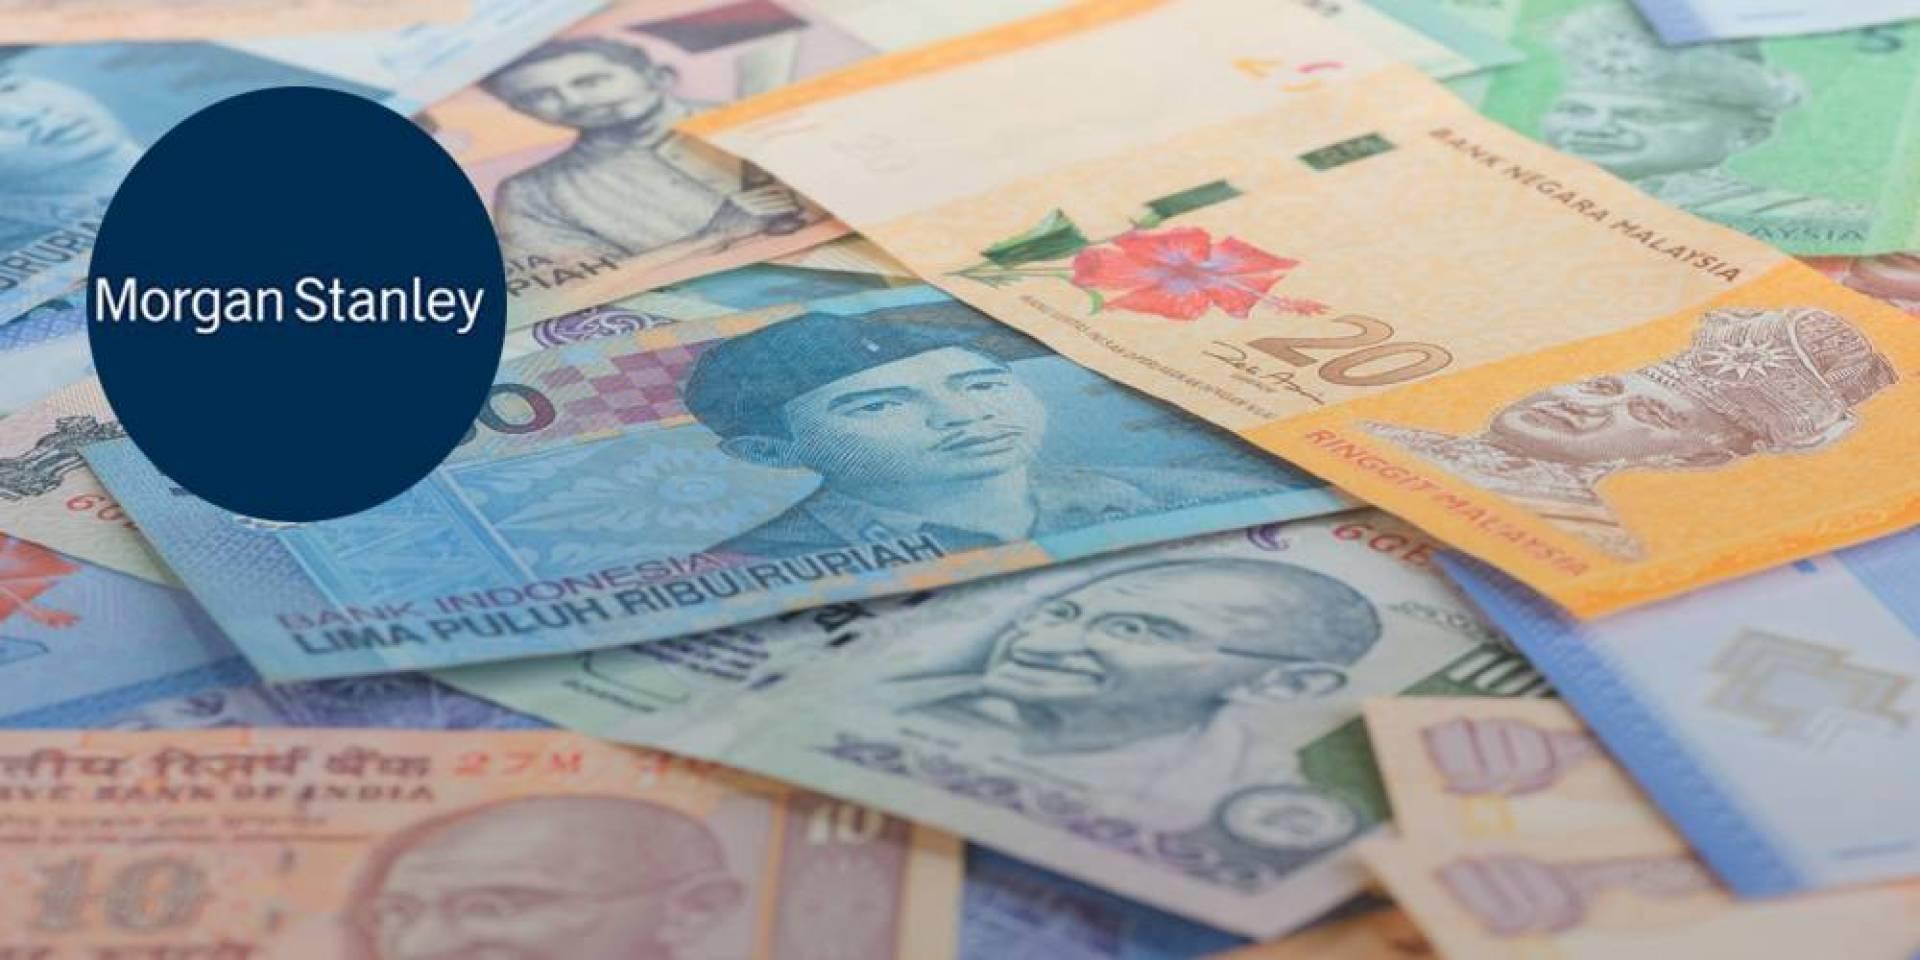 «مورجان ستانلي»: على المستثمرين الاستعداد لارتفاع عملات الأسواق الناشئة